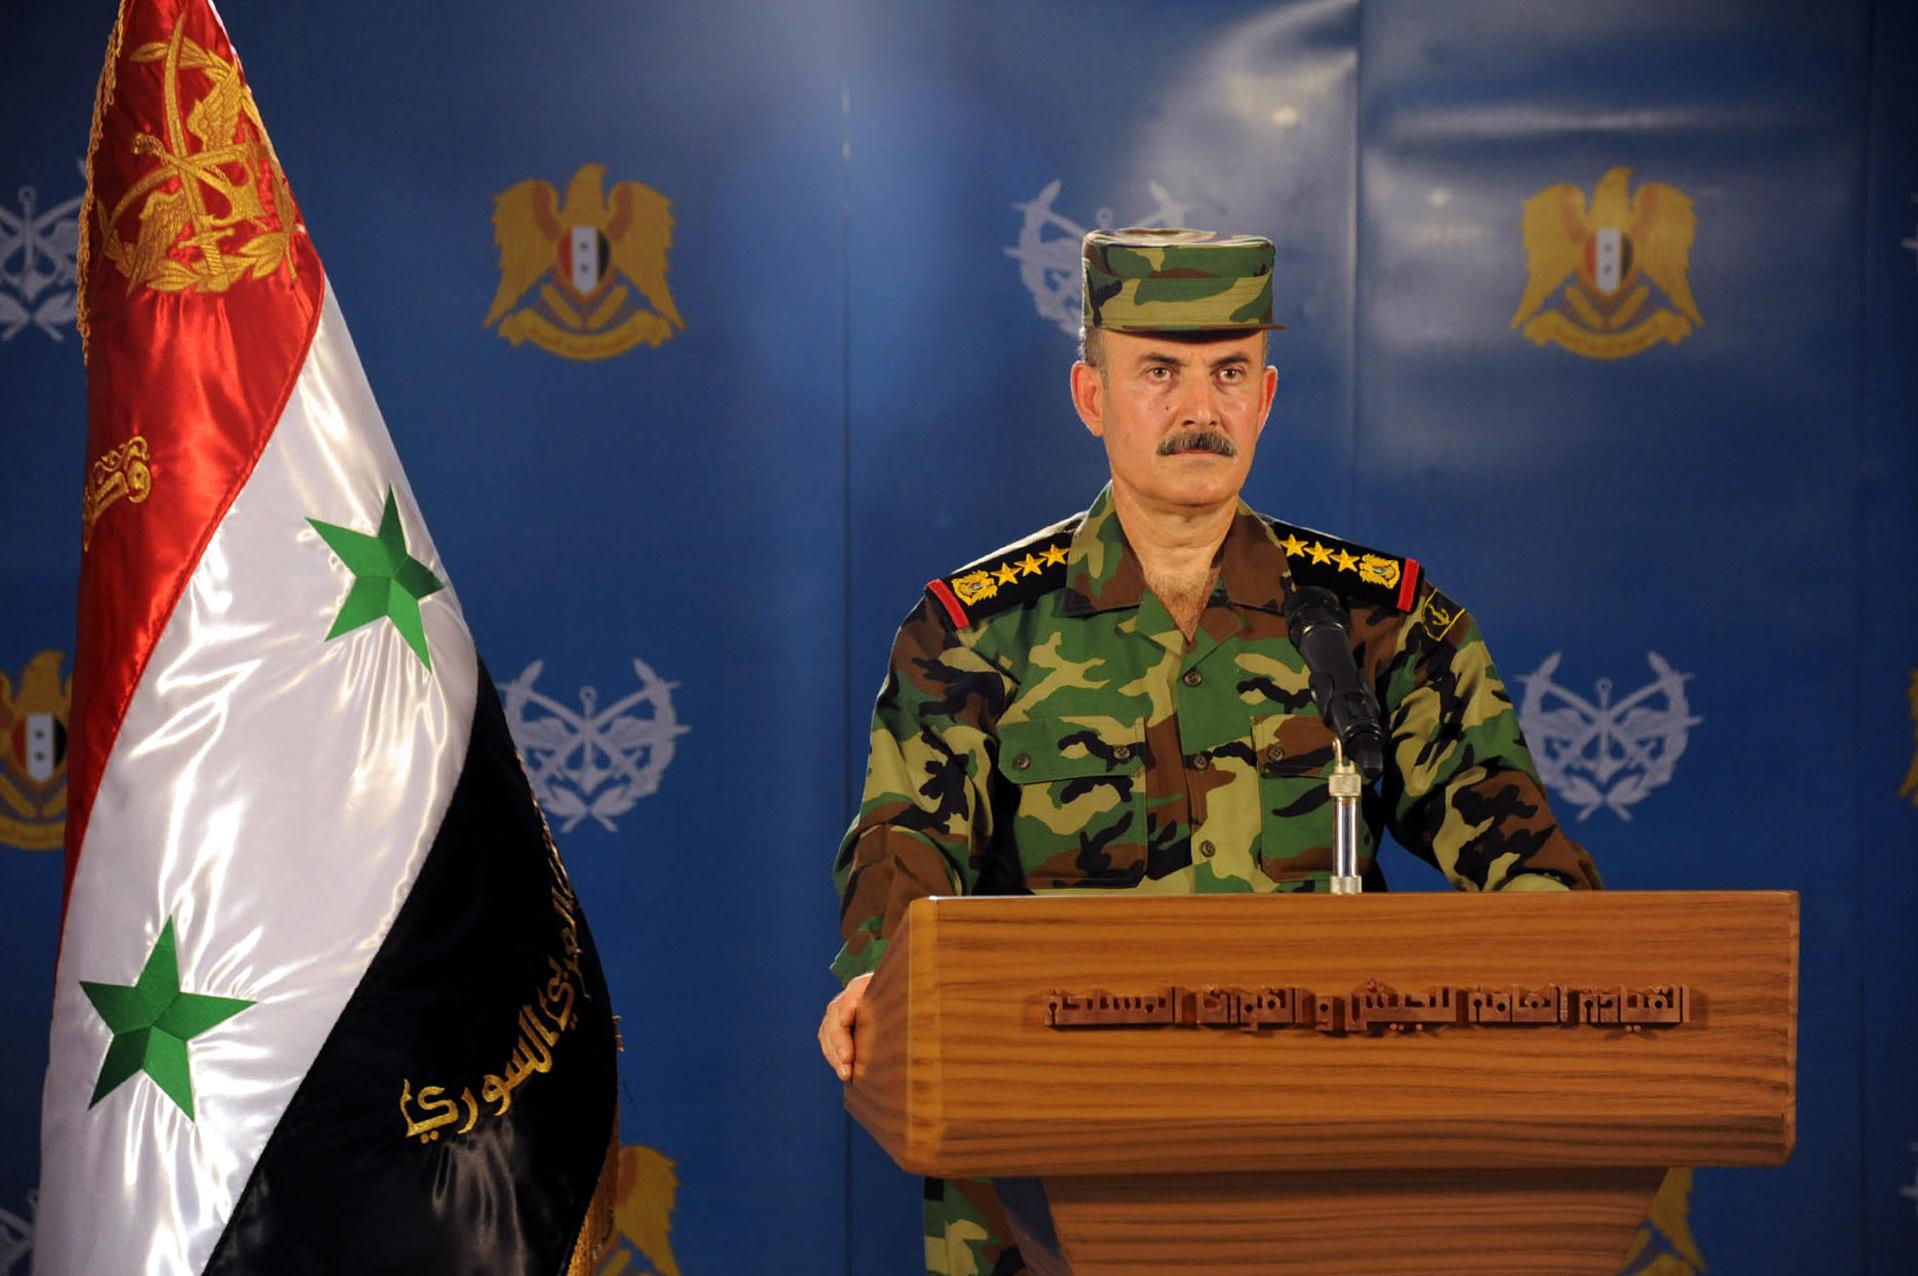 صورة نظام الأسد يعلق على الهجمات الإسرائيلية ونتنياهو يتوعد